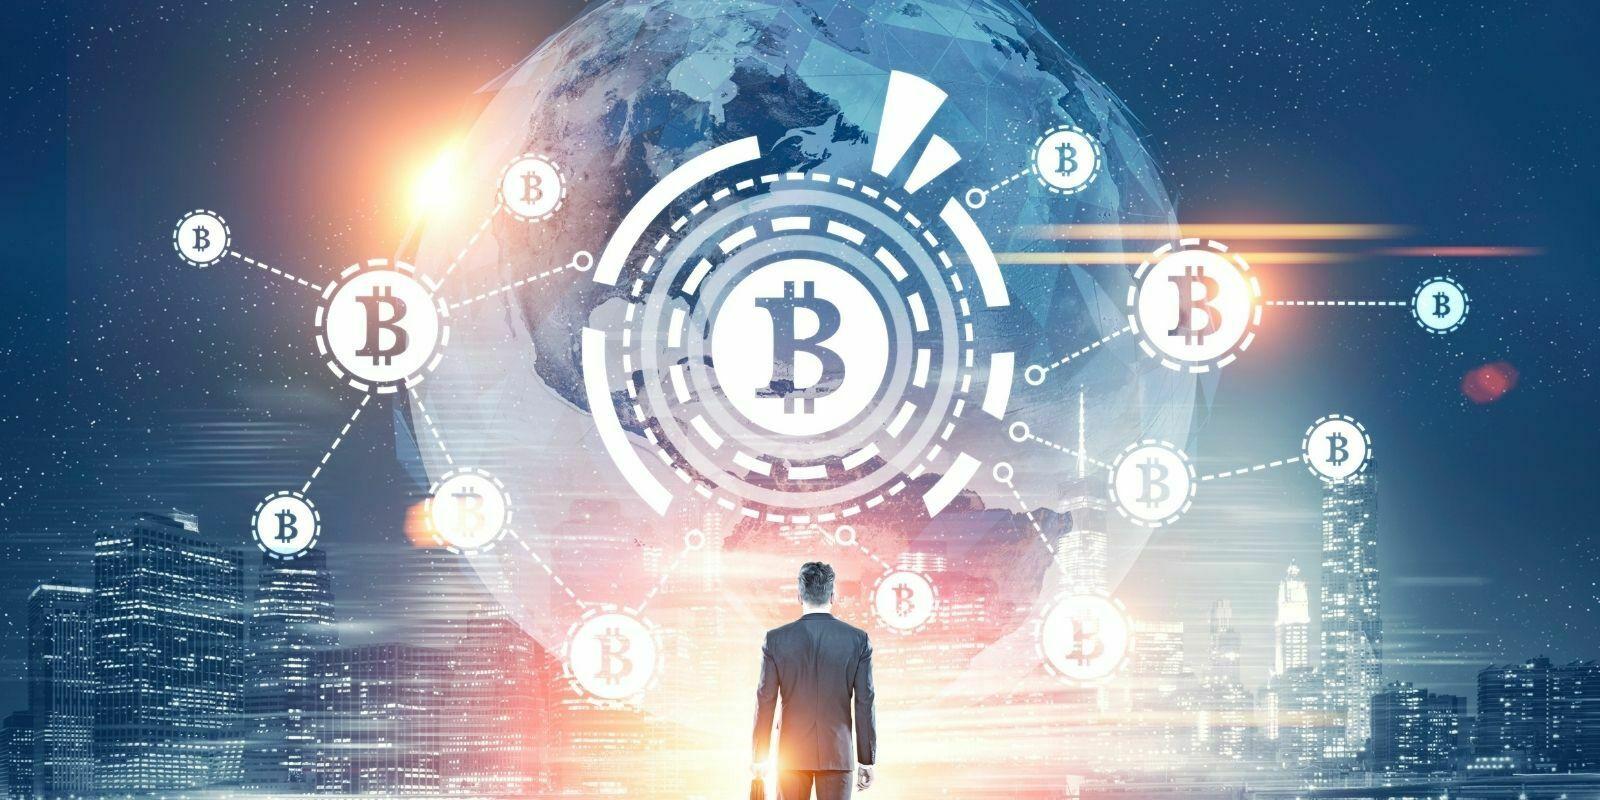 Les exchanges de cryptomonnaies risquent-ils de remplacer les banques ?